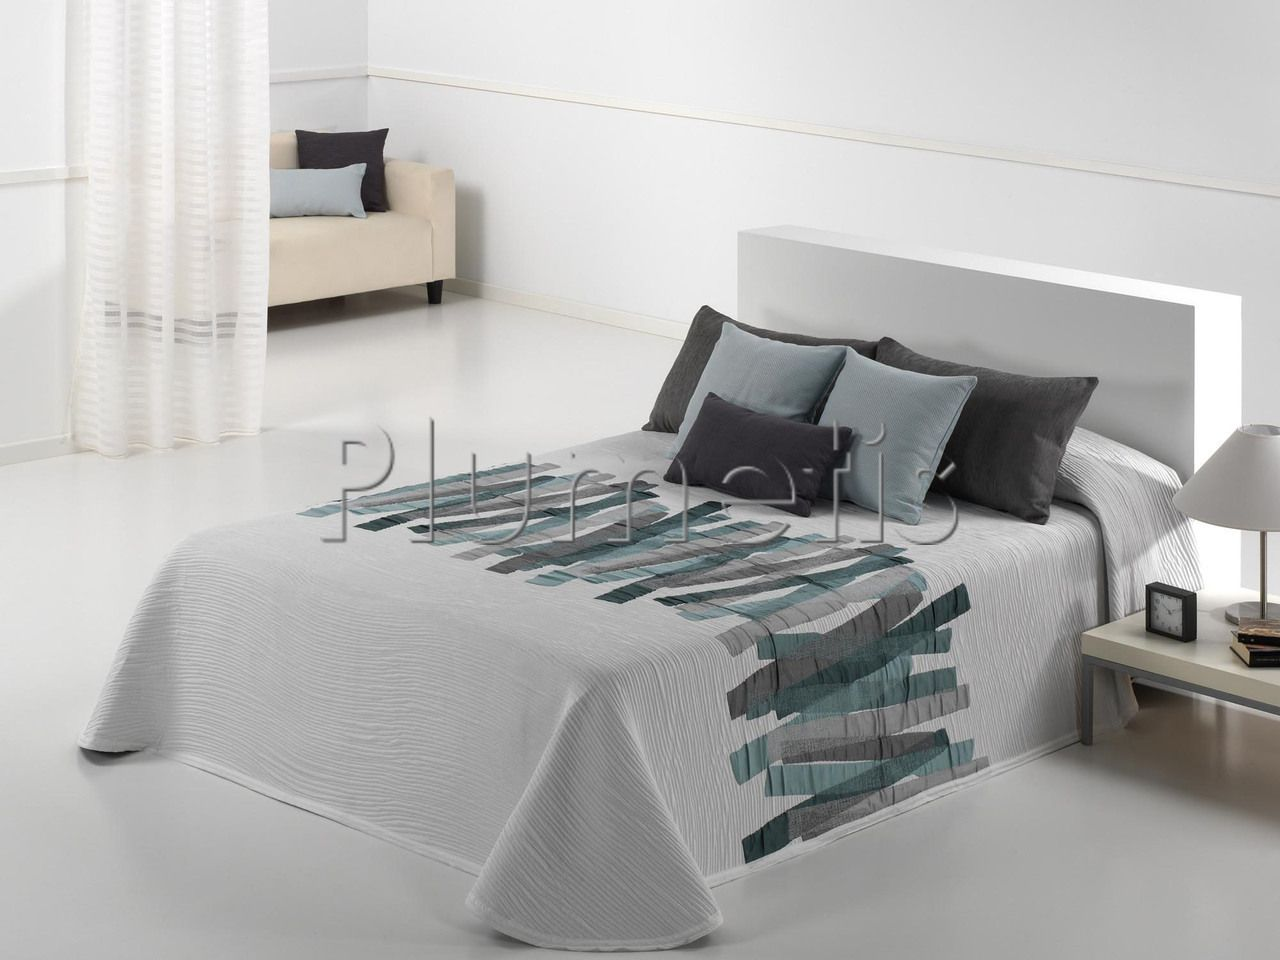 Boutis Conti de qualité supérieur. | Dessus de lit Design ...